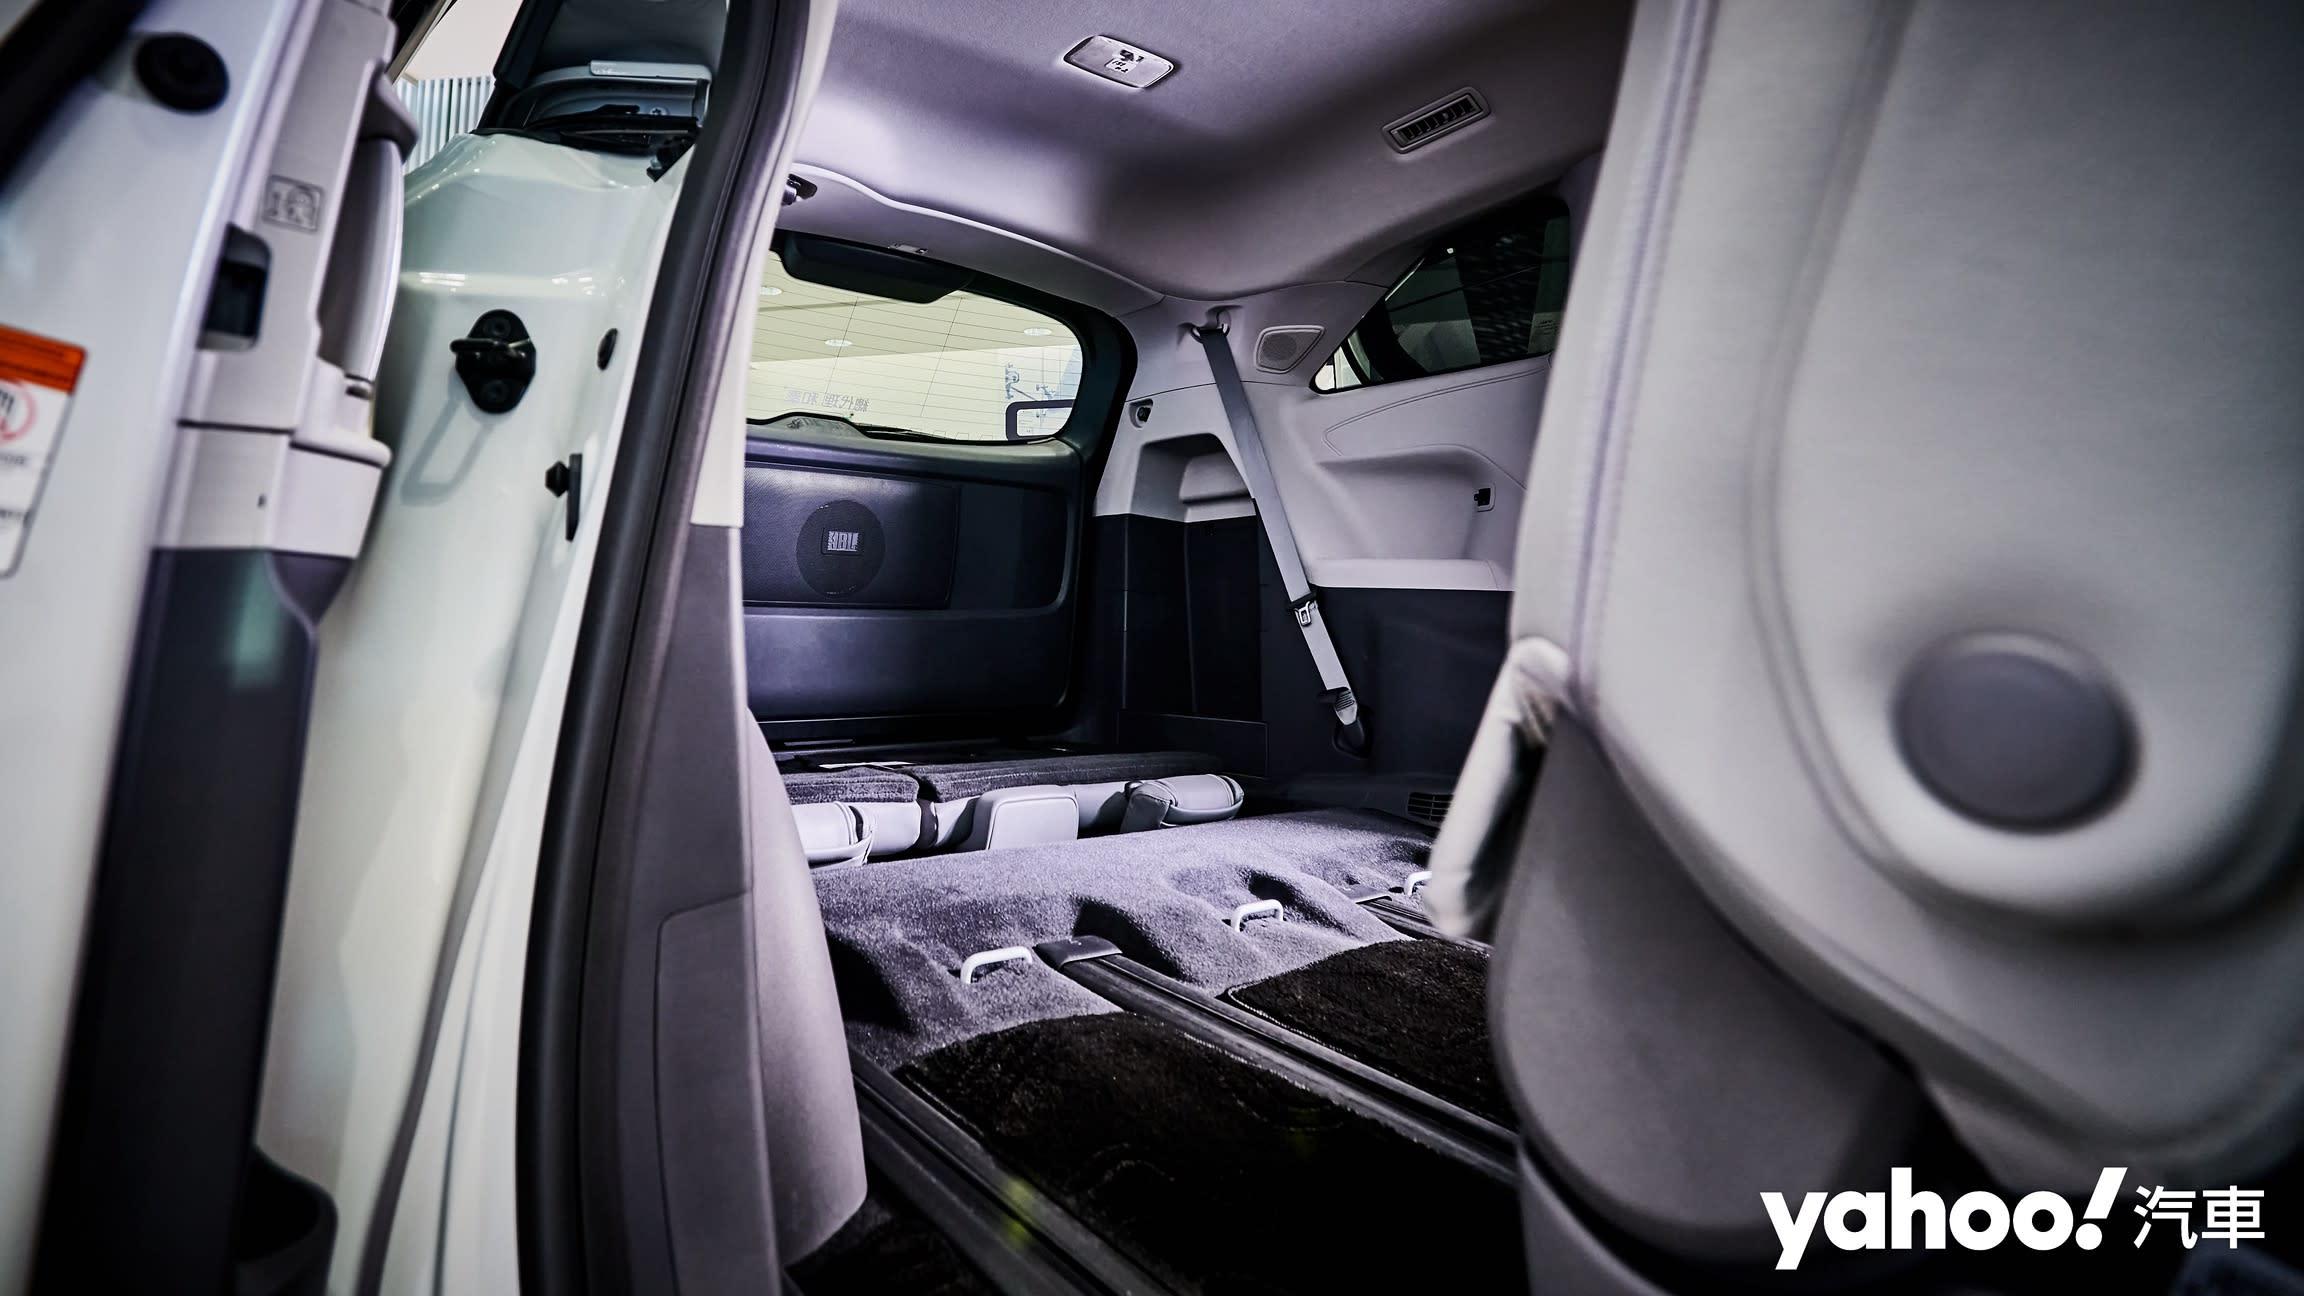 和製子彈列車駕到!2021 Toyota大改款Sienna媒體預賞暨開放接單預售早鳥價210萬起!